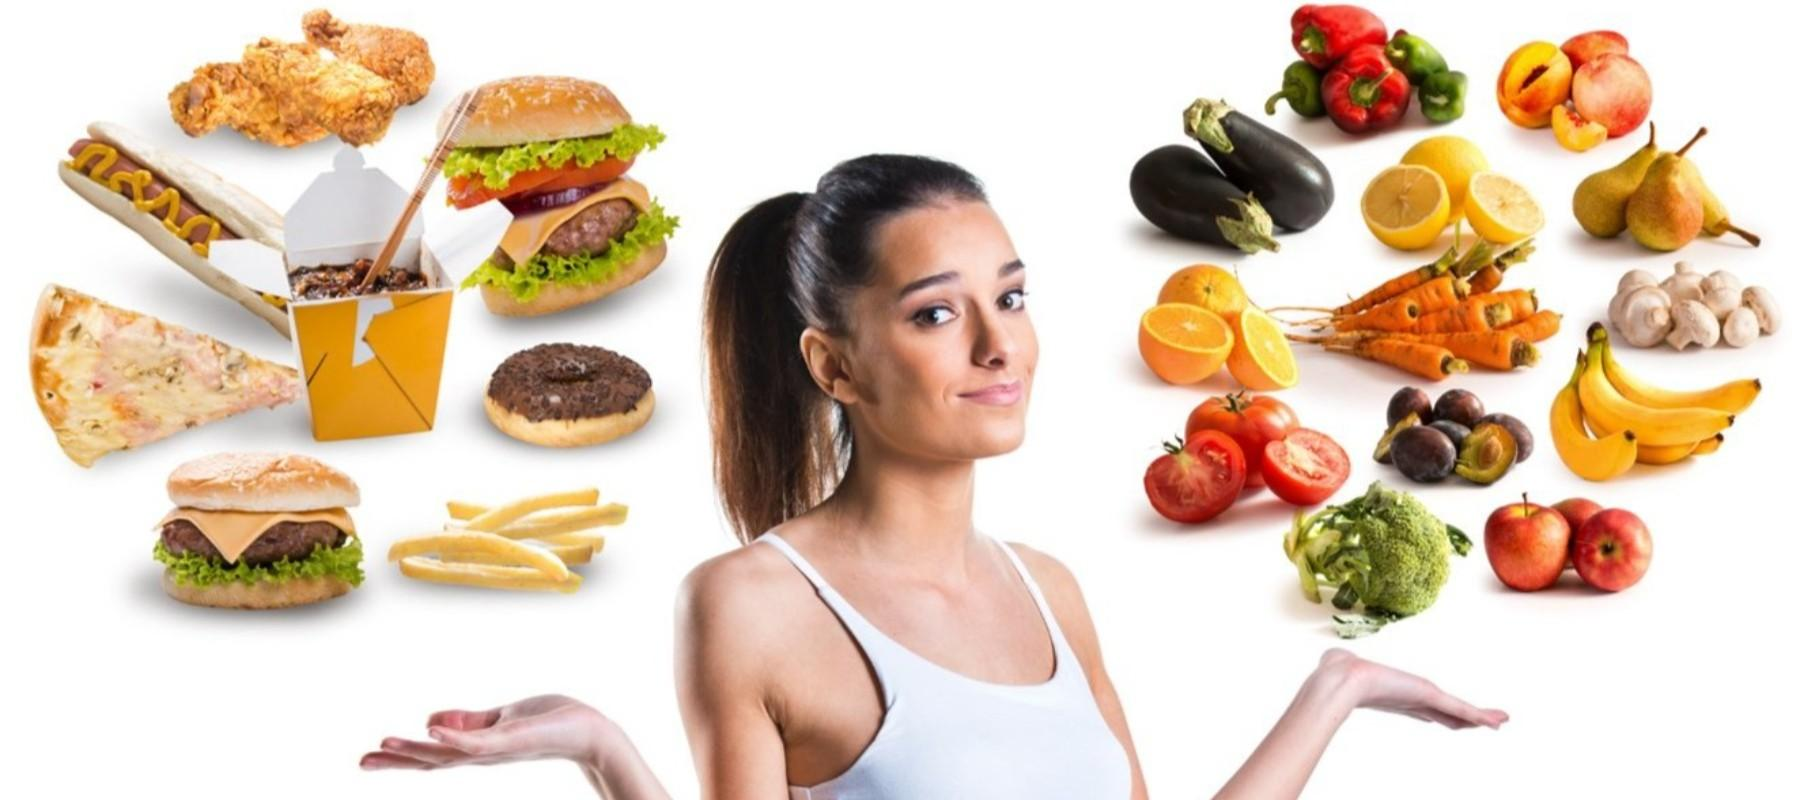 Η ψυχολογία του ιδανικού βάρους